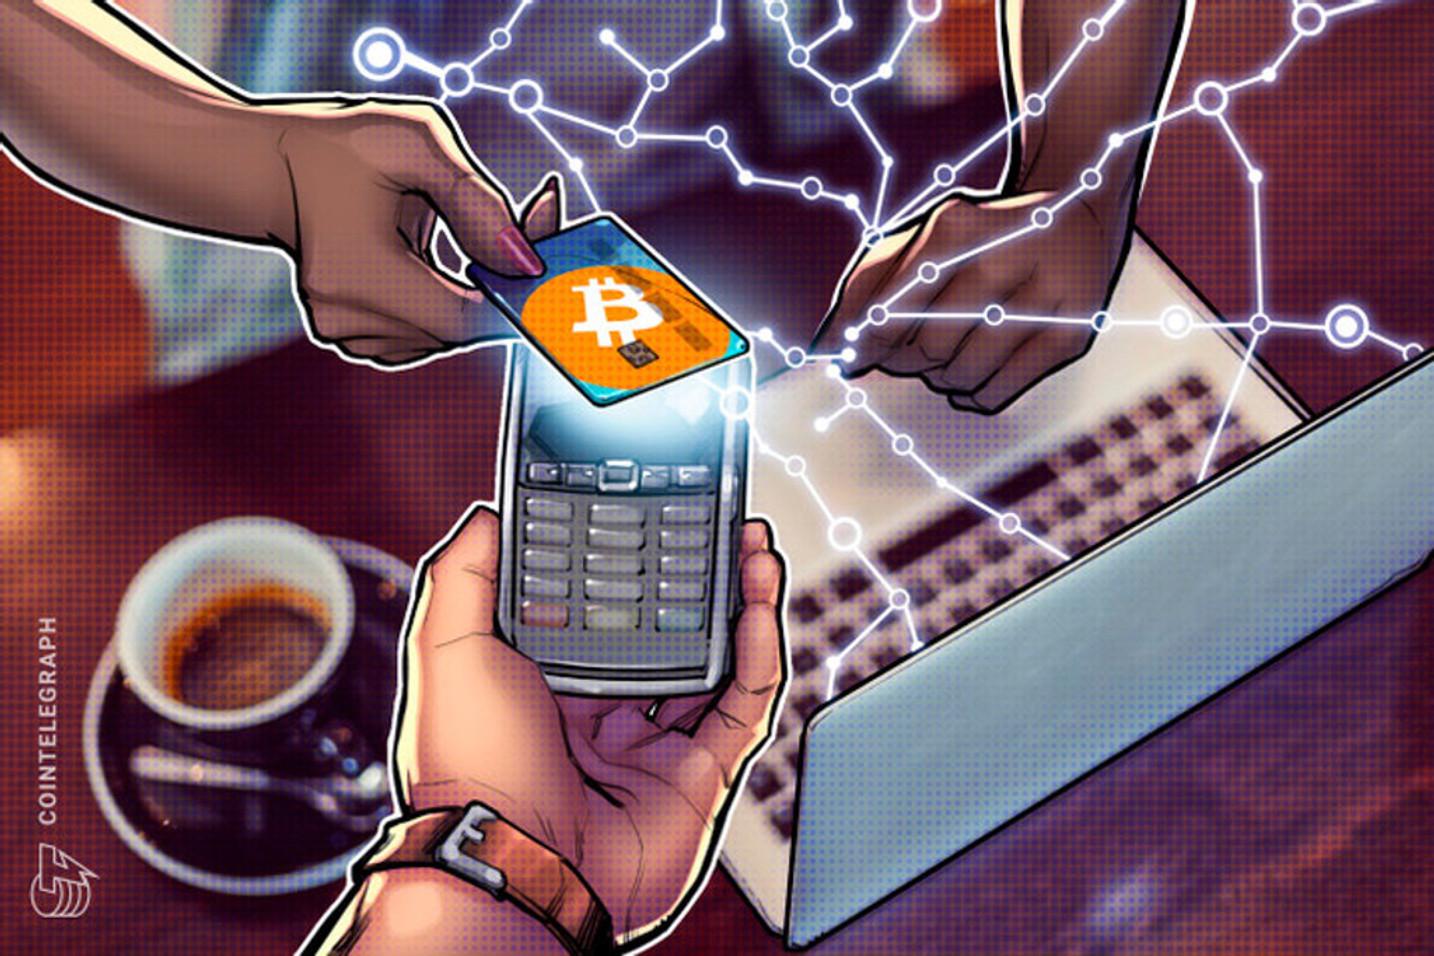 Diputado paraguayo revela planes del gobierno de un proyecto relacionado con Bitcoin y Paypal